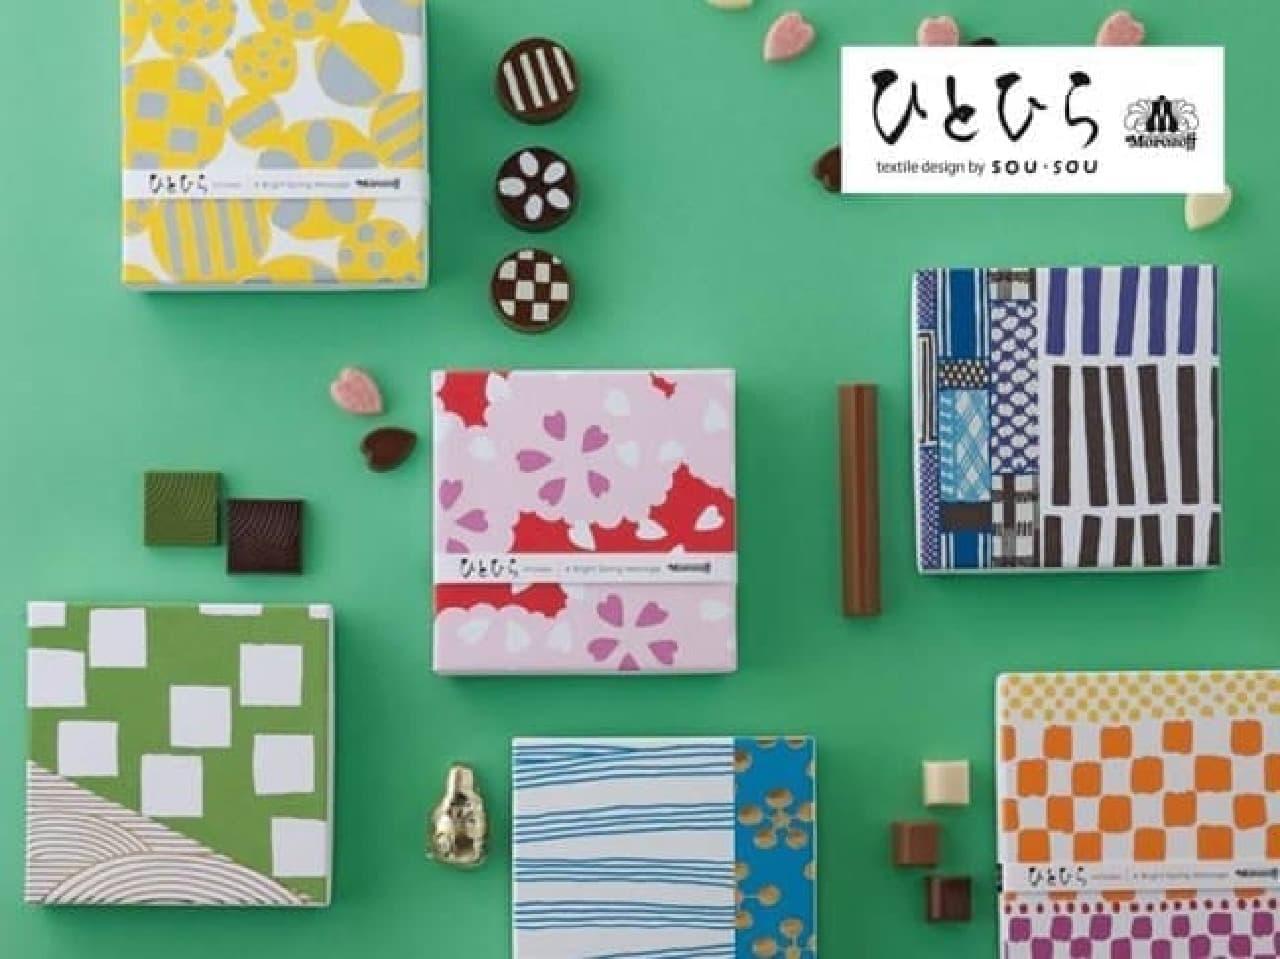 京都のテキスタイルブランドSOU・SOUとコラボレーションしたモロゾフの新シリーズ「ひとひら」